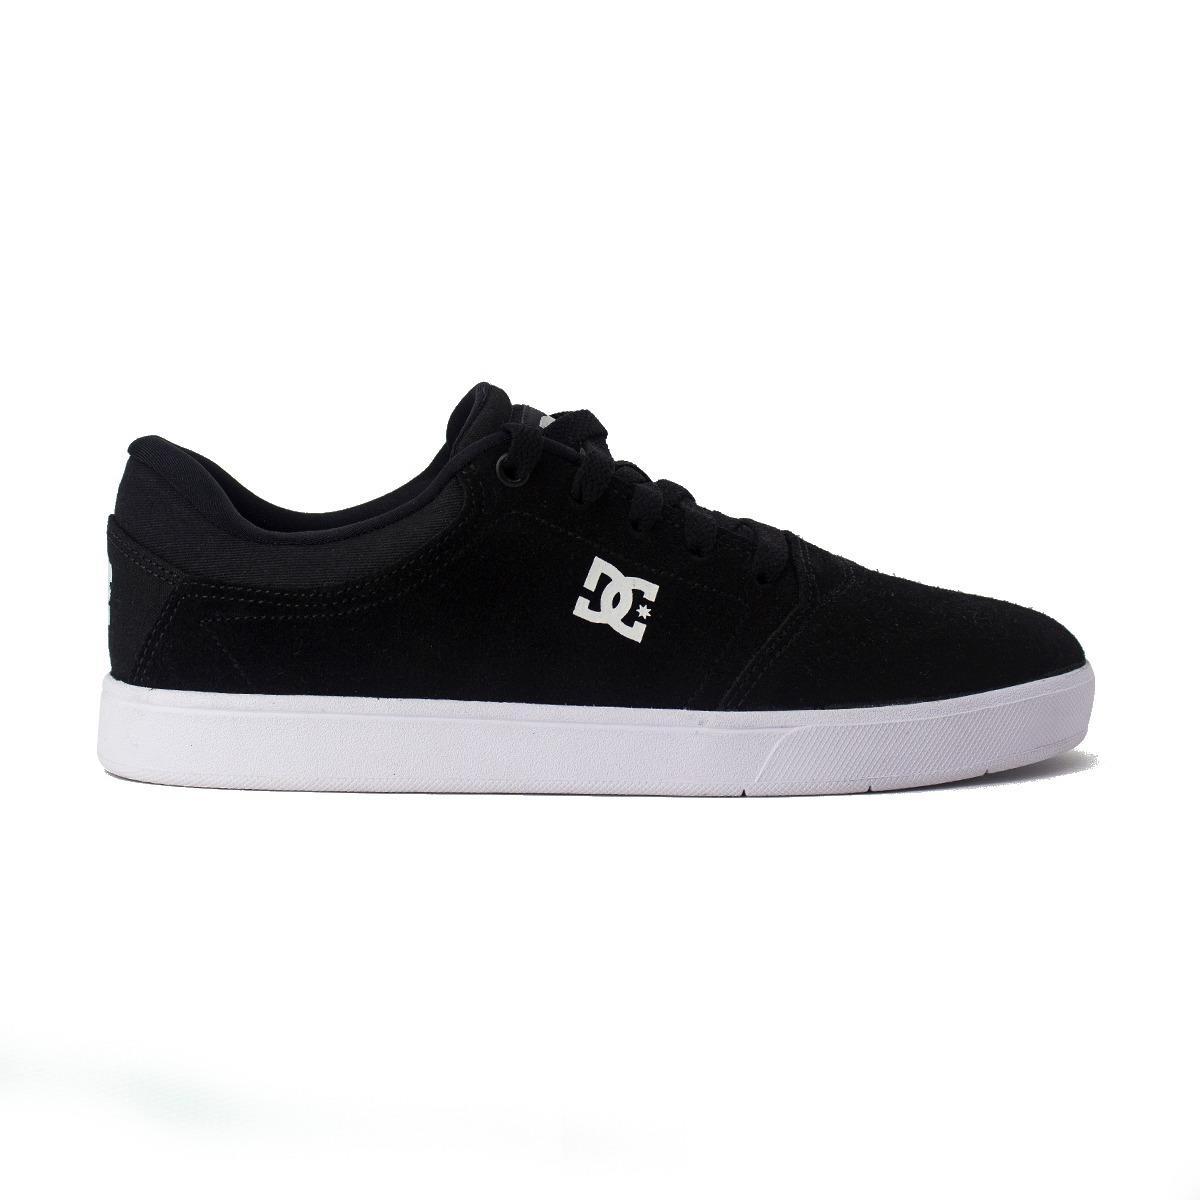 0a288f629f22a tênis dc shoes crisis la black white original frete gratis. Carregando zoom.